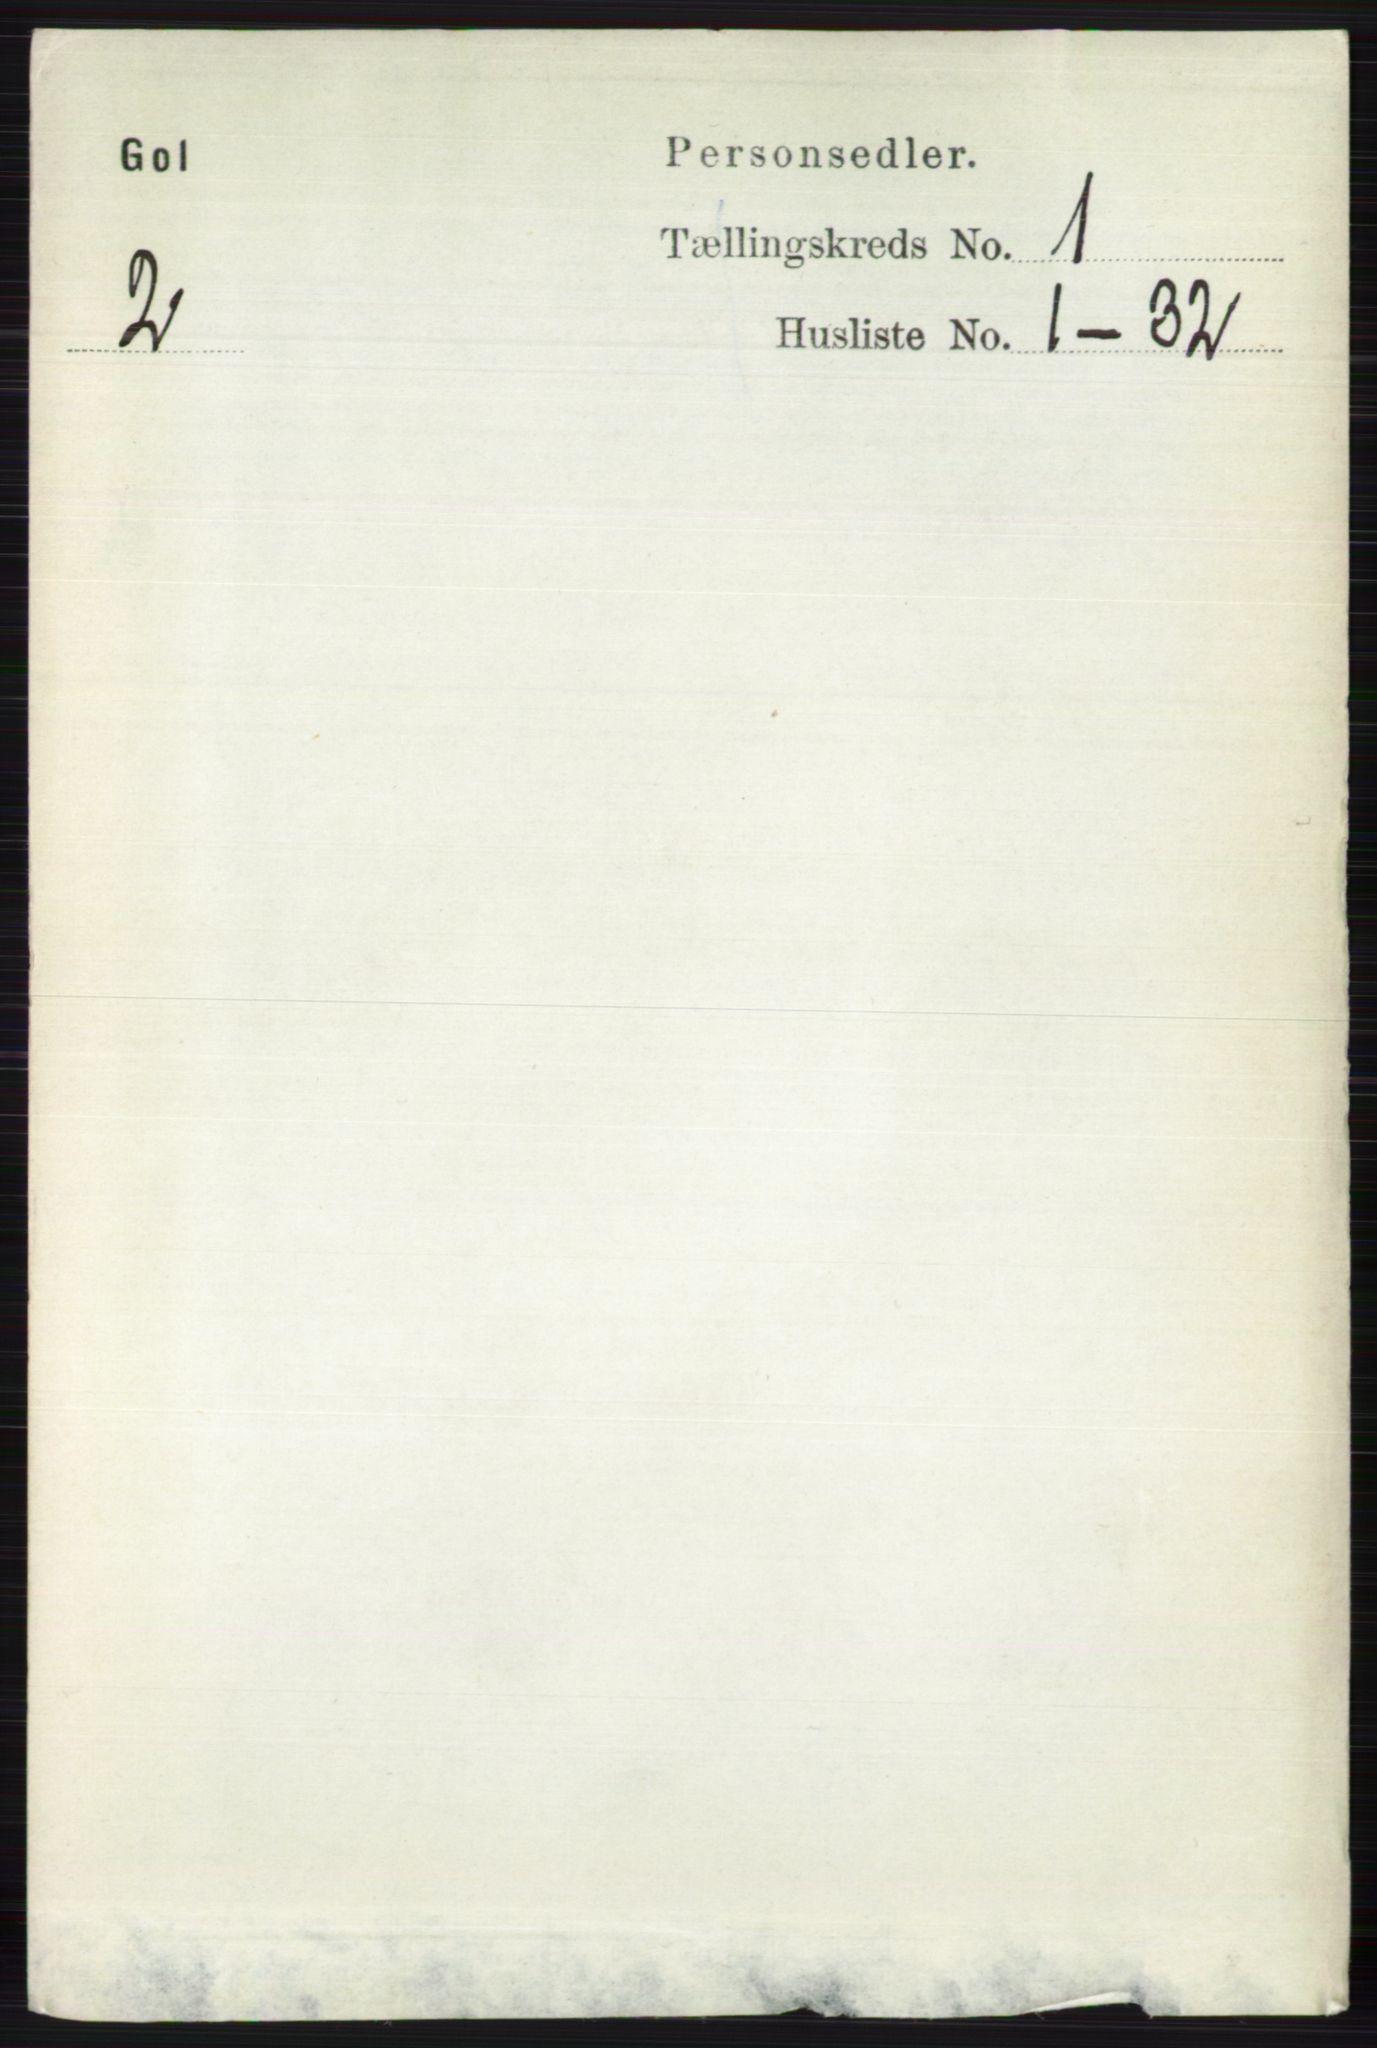 RA, Folketelling 1891 for 0617 Gol og Hemsedal herred, 1891, s. 125